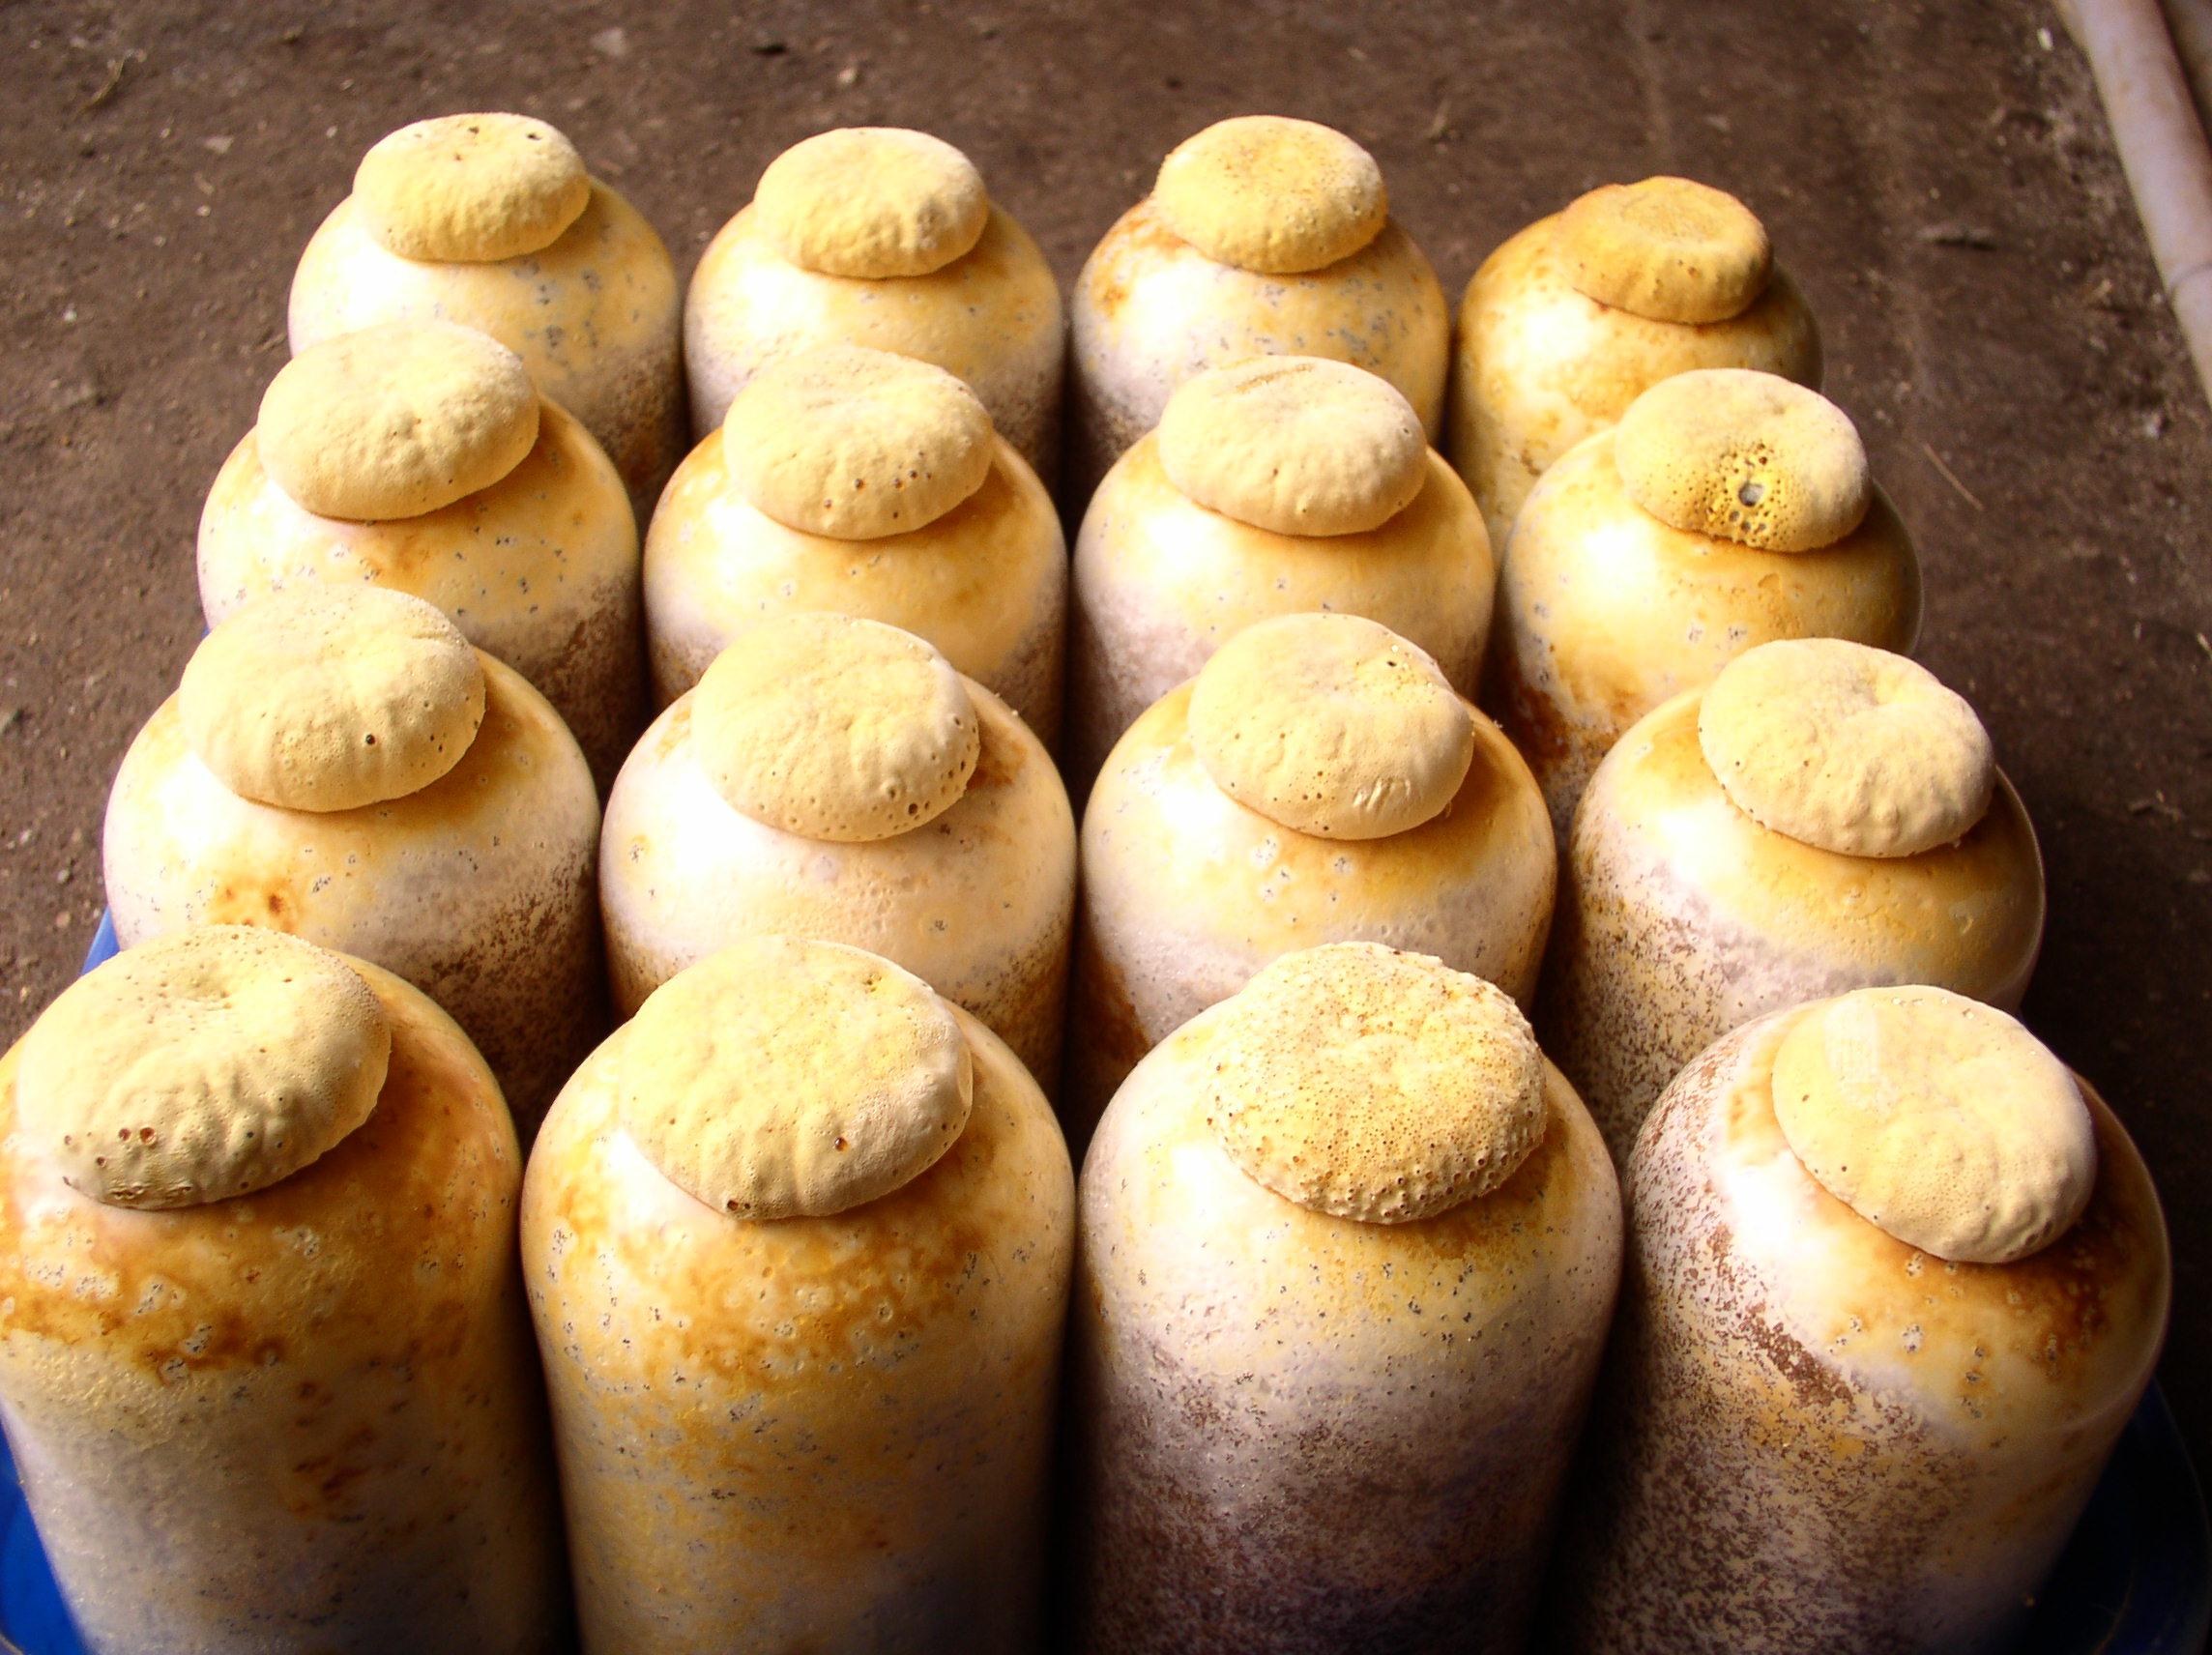 버섯사진13.JPG